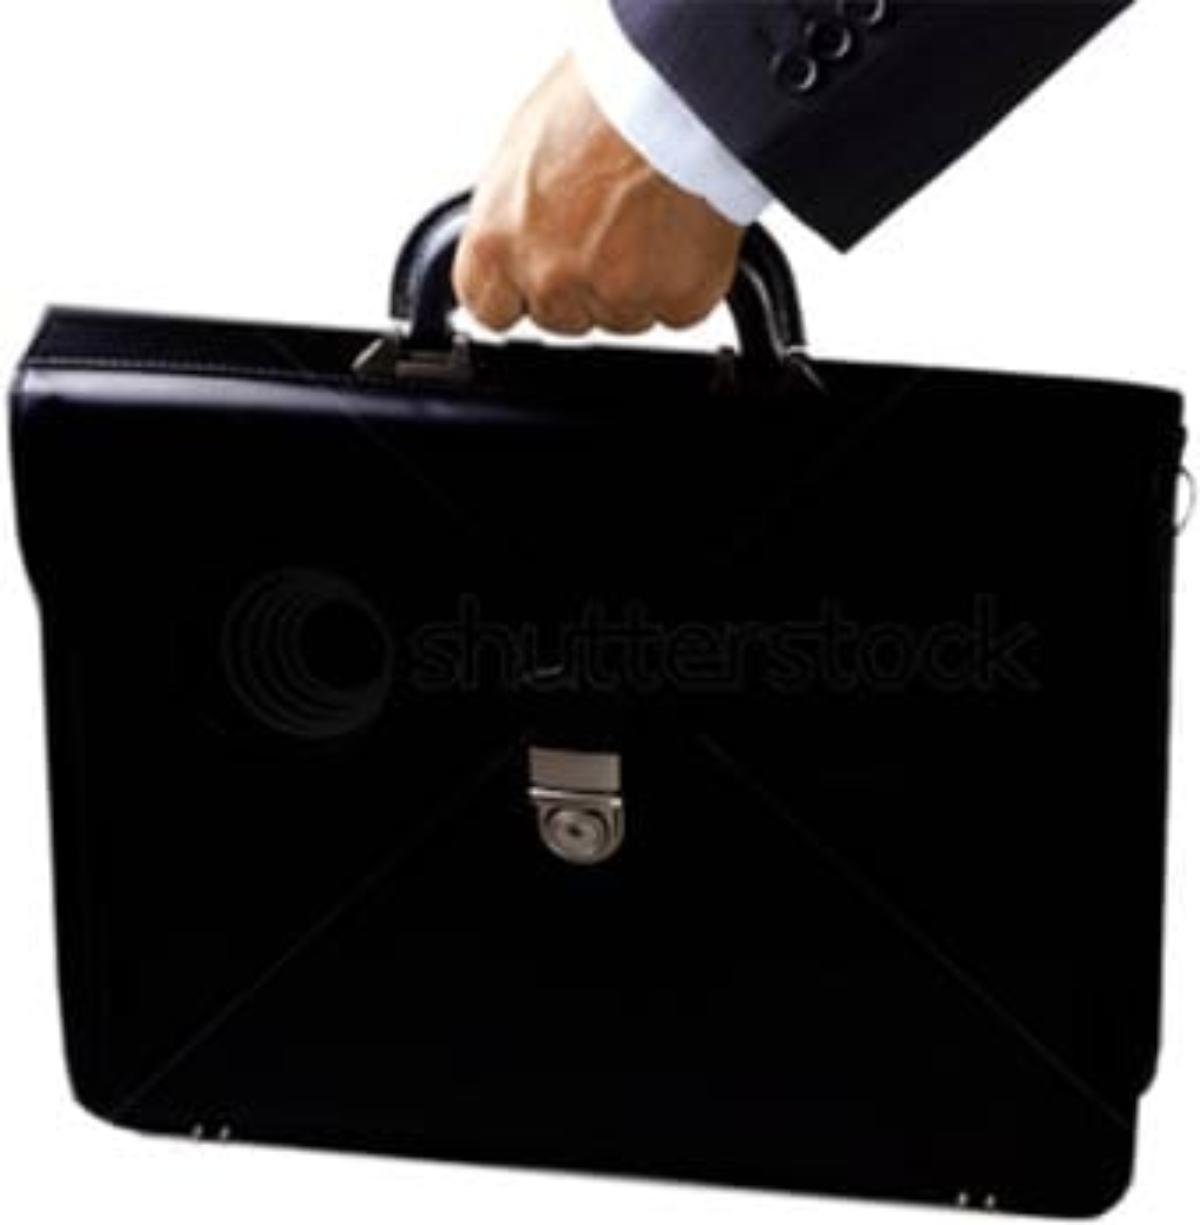 Un maletín de abogado.